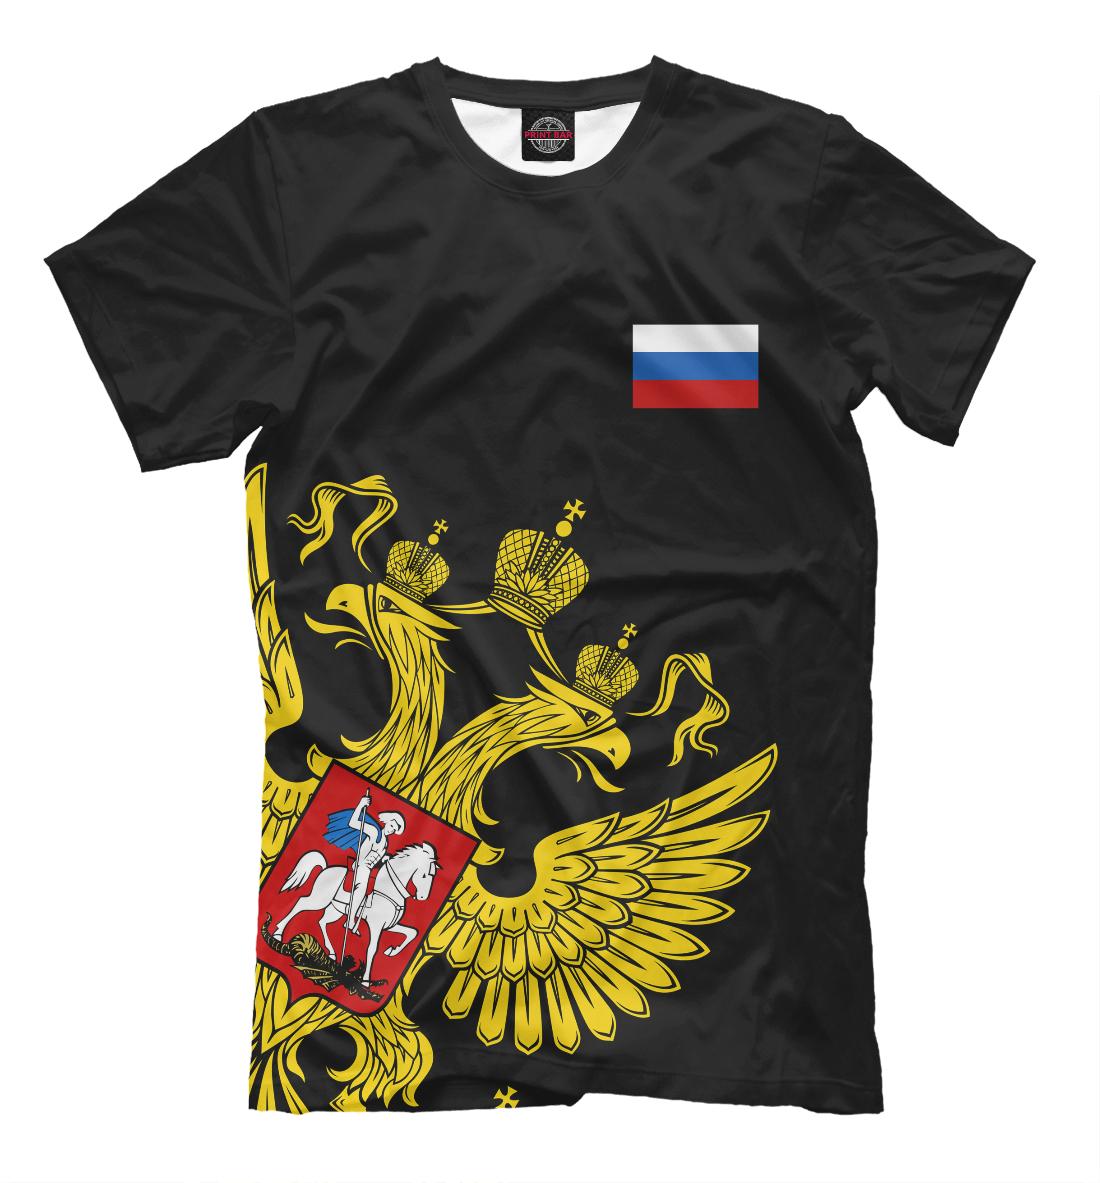 Купить Россия Флаг и Герб, Printbar, Футболки, SRF-406844-fut-2